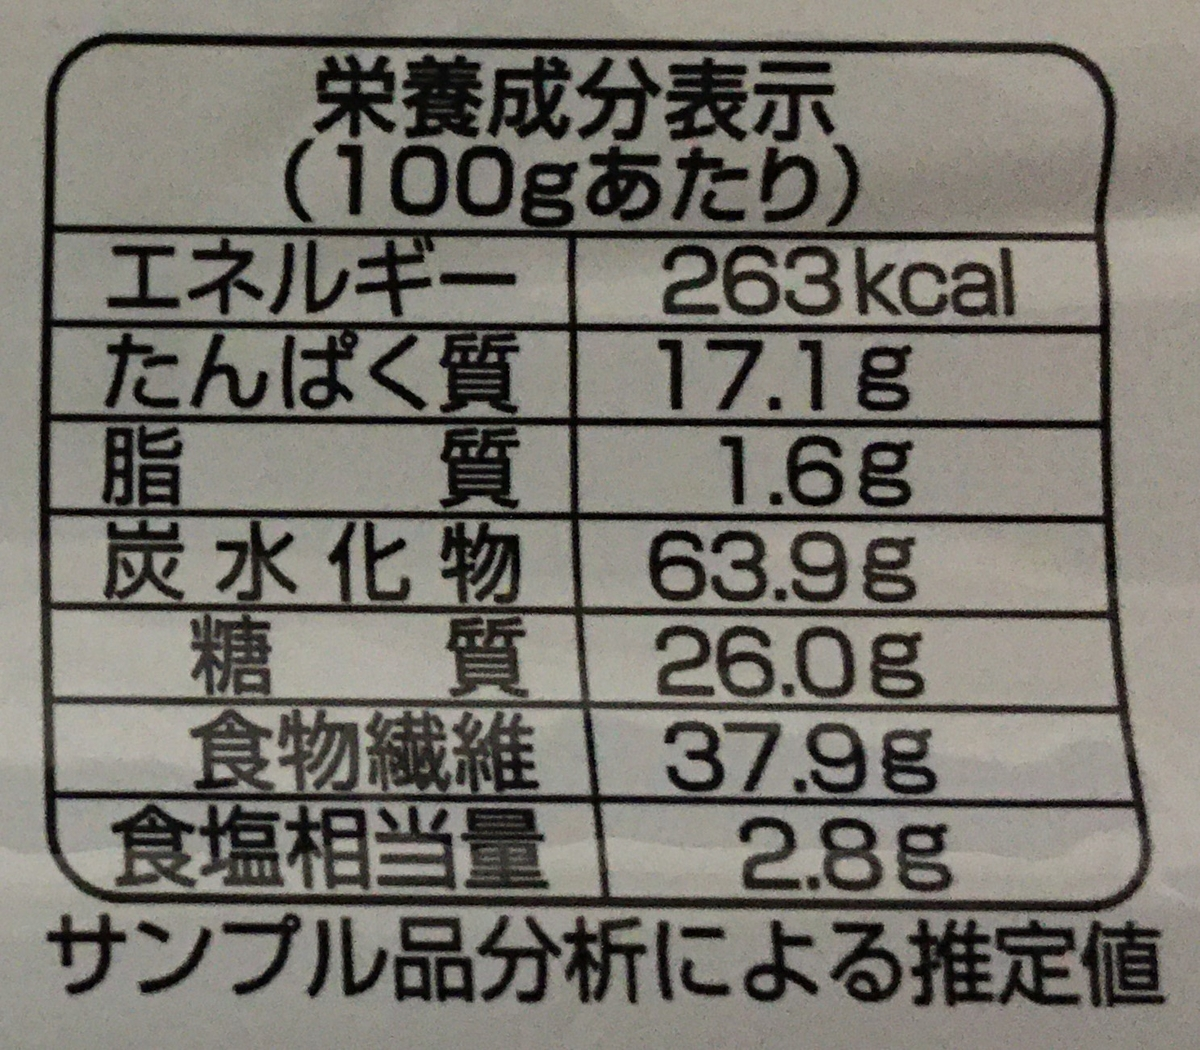 f:id:YOSHIO1010:20200217233702j:plain